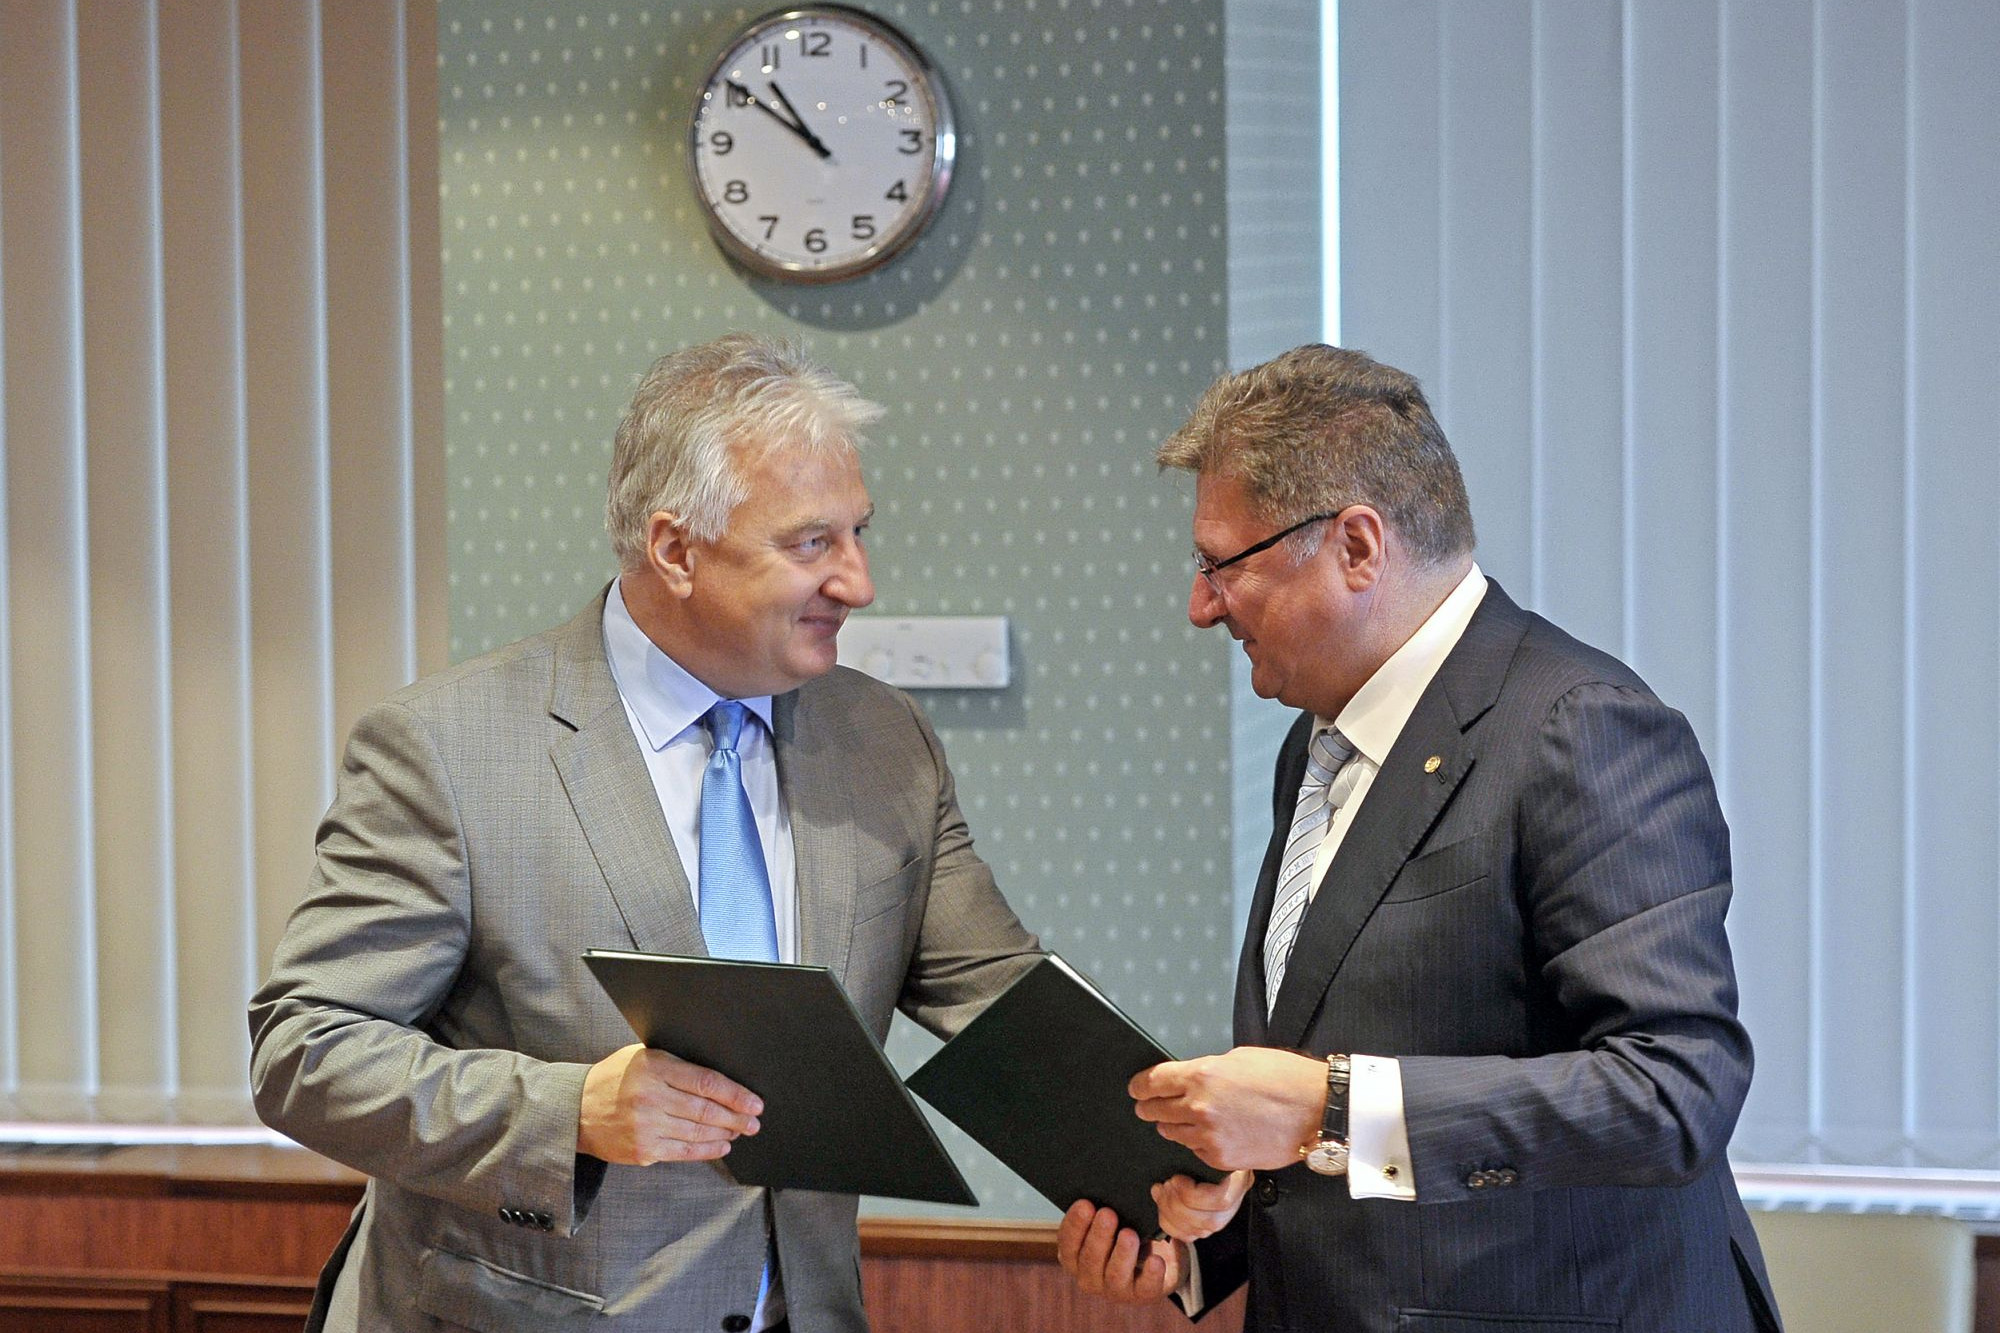 Hozzon létre közös vállalkozást Hollandiában